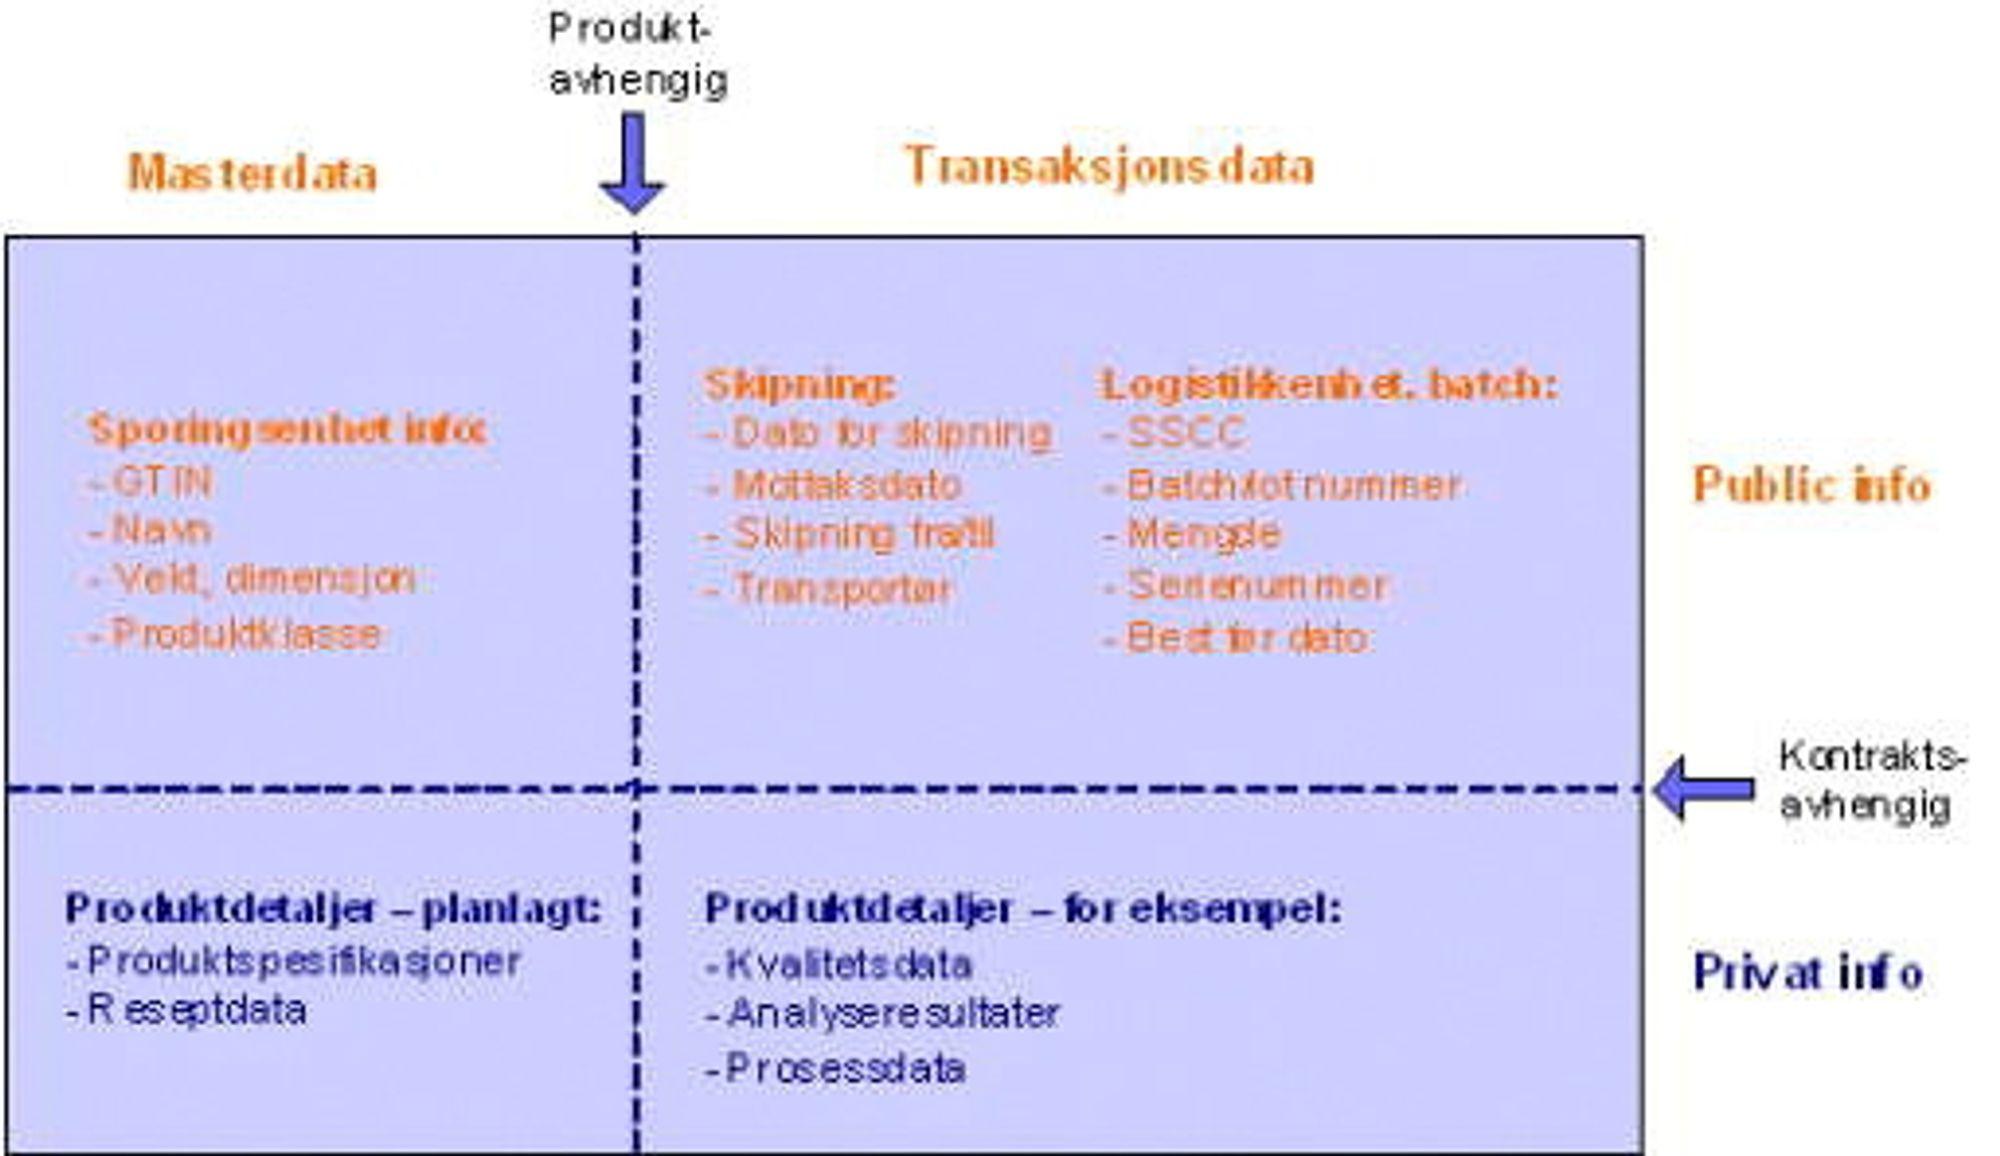 Eksempler på data i de ulike kategoriene i kjedesporing definert ava GS1 (Ill. Prediktor).